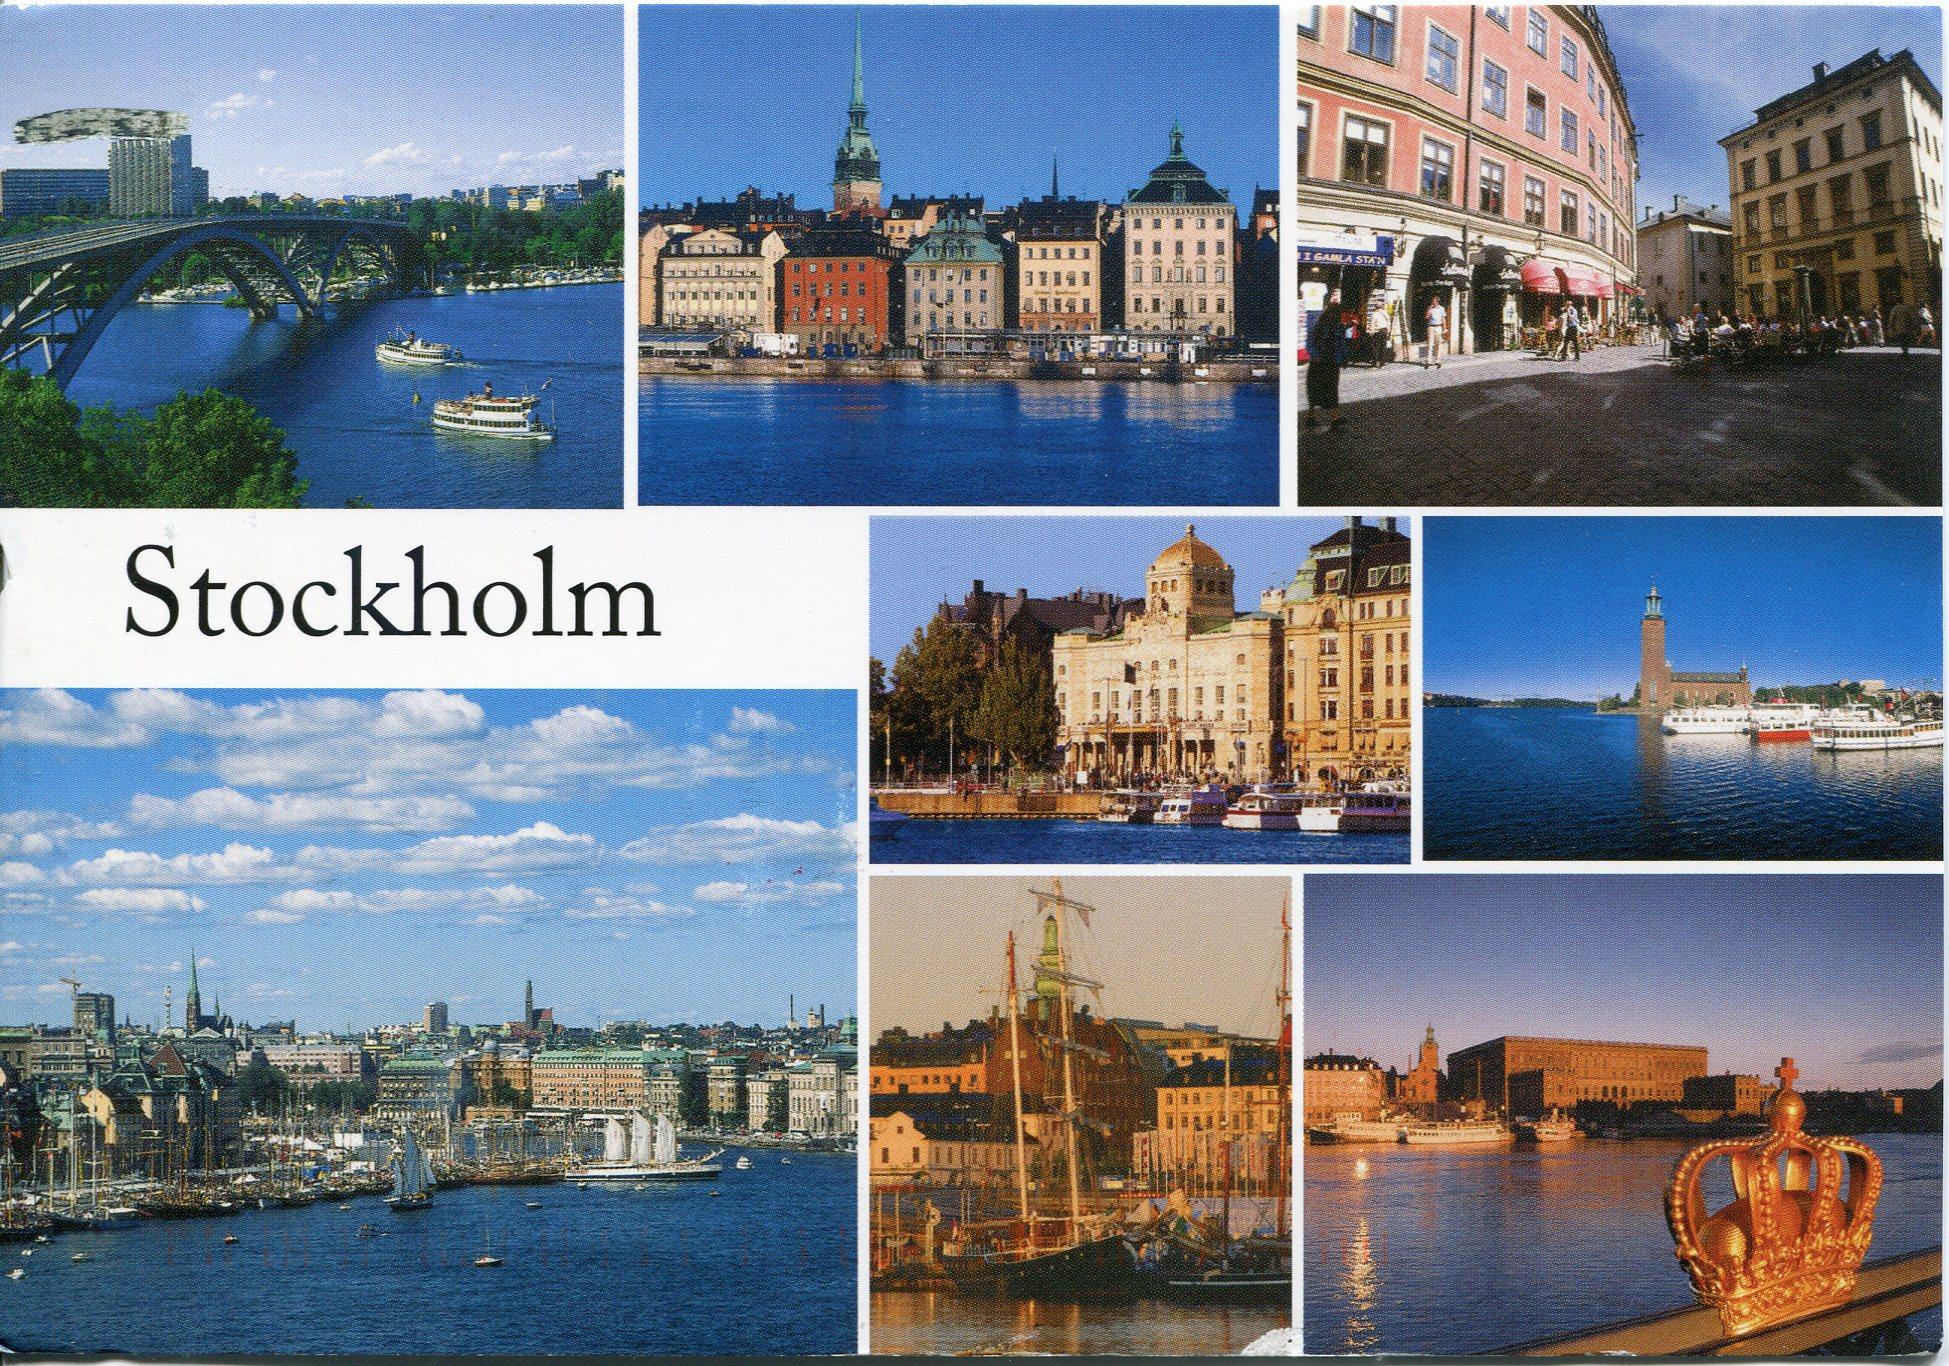 stockholm sweden - photo #35